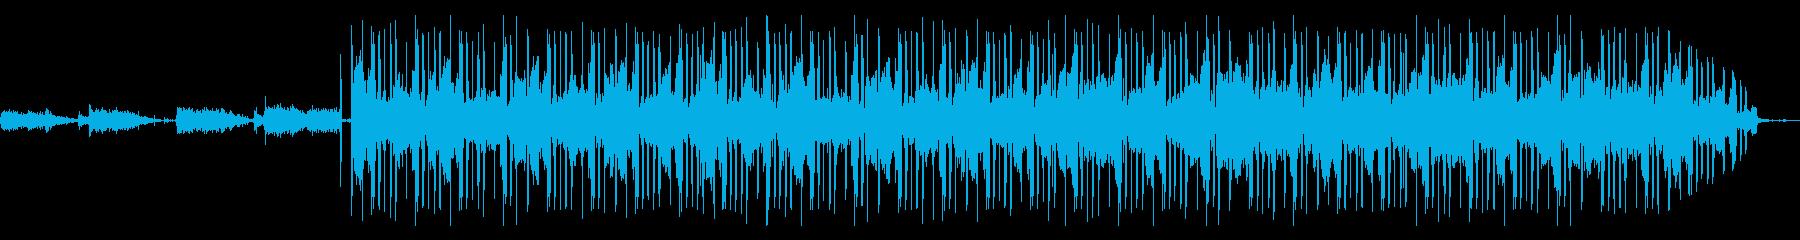 Lofi Hiphop/カフェBGMの再生済みの波形